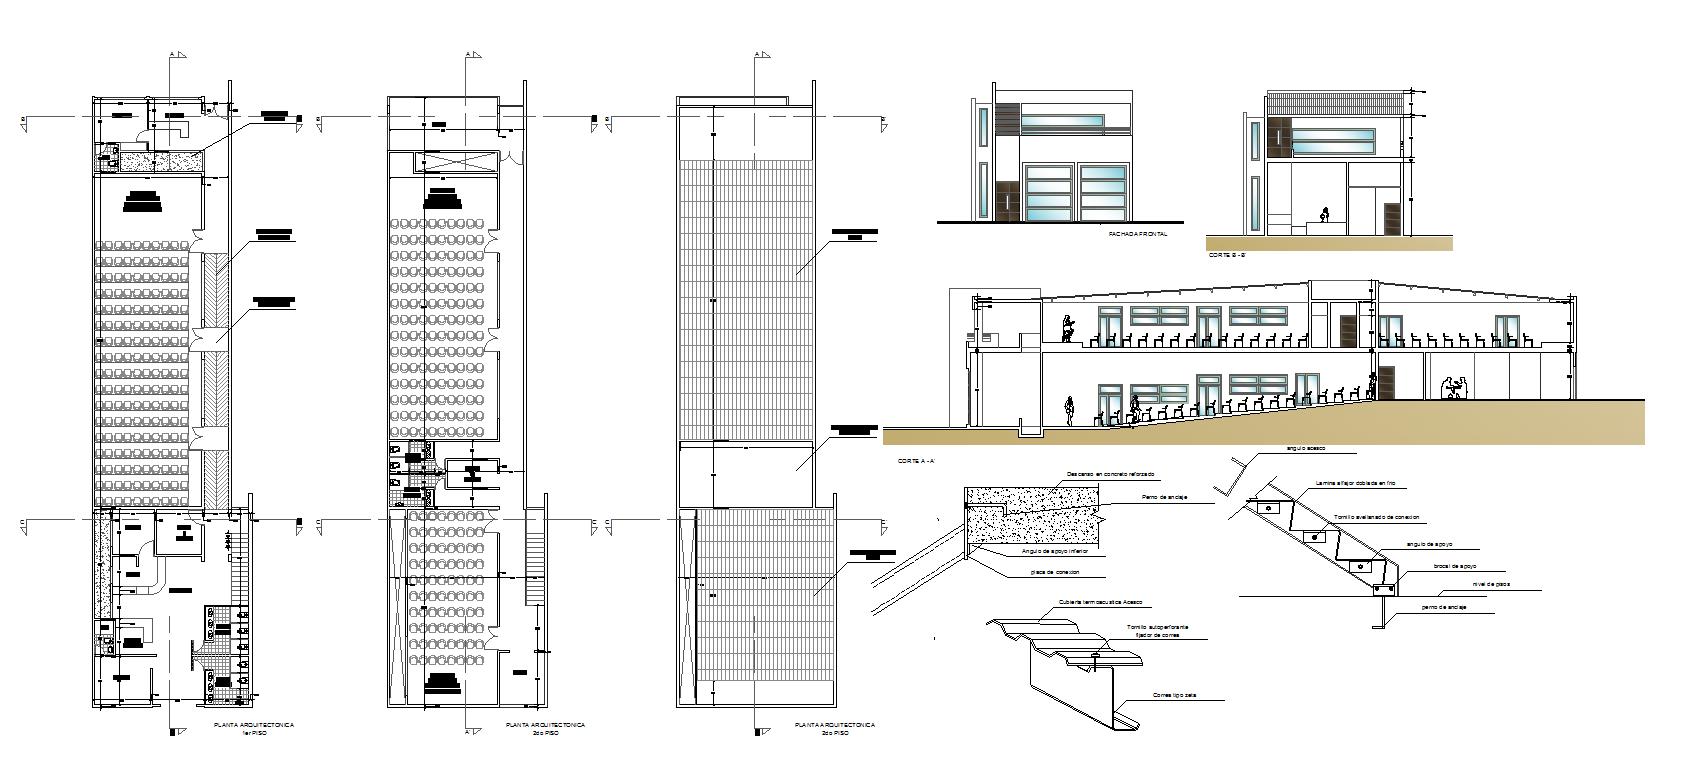 architectecture plants of auditorium  Design Cad File